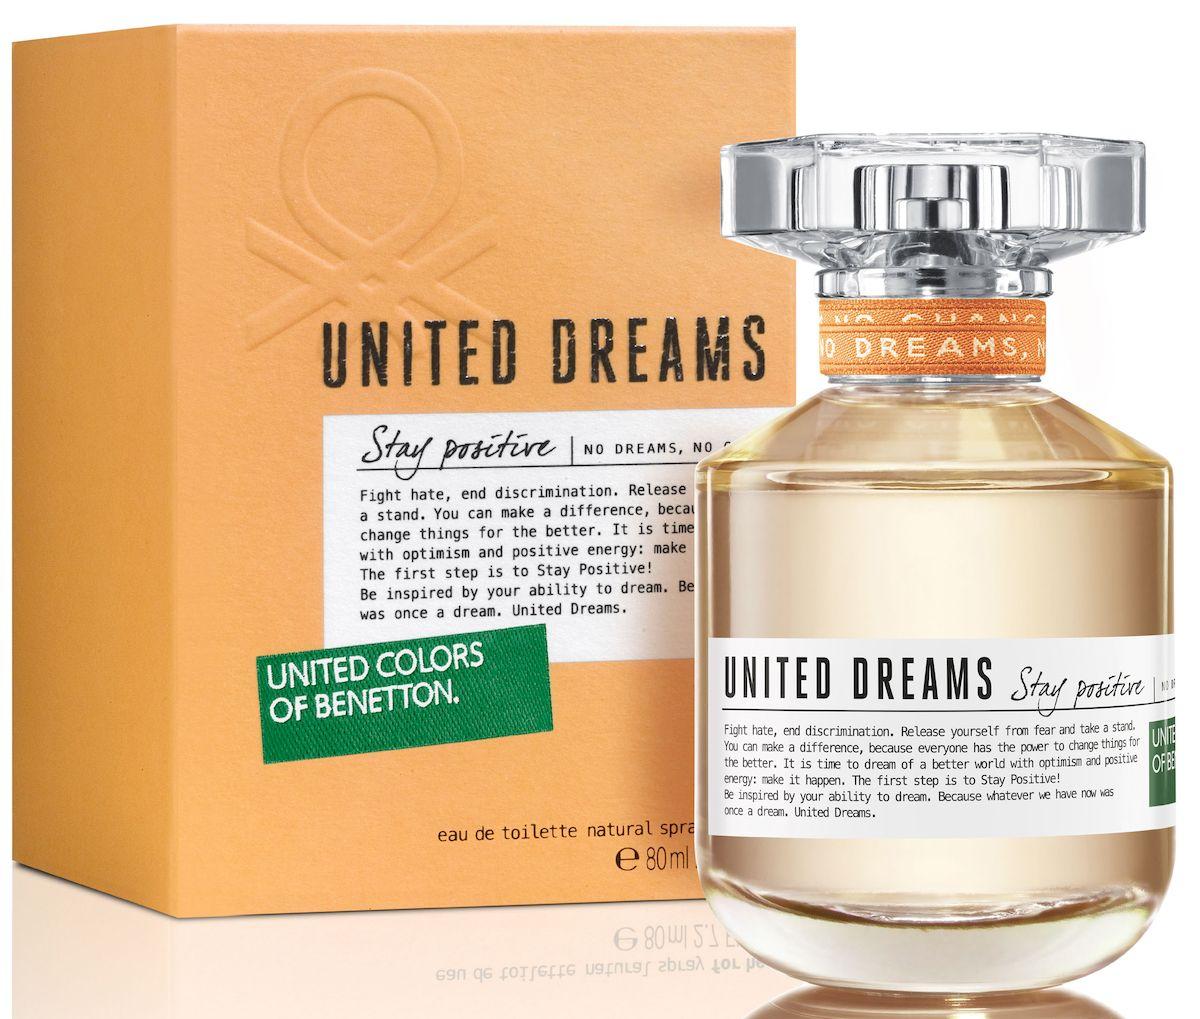 Benetton UD Stay Positive Туалетная вода, женская, 80 мл65092894Мечта изменить мир - основная идея United Dreams. Смелый призыв к действию, который бренд United Colors of Benetton выразил в своей парфюмерной коллекции. Сила общей мечты - идея, вдохновляющая мир поверить в необыкновенную силу, способную достичь невозмо